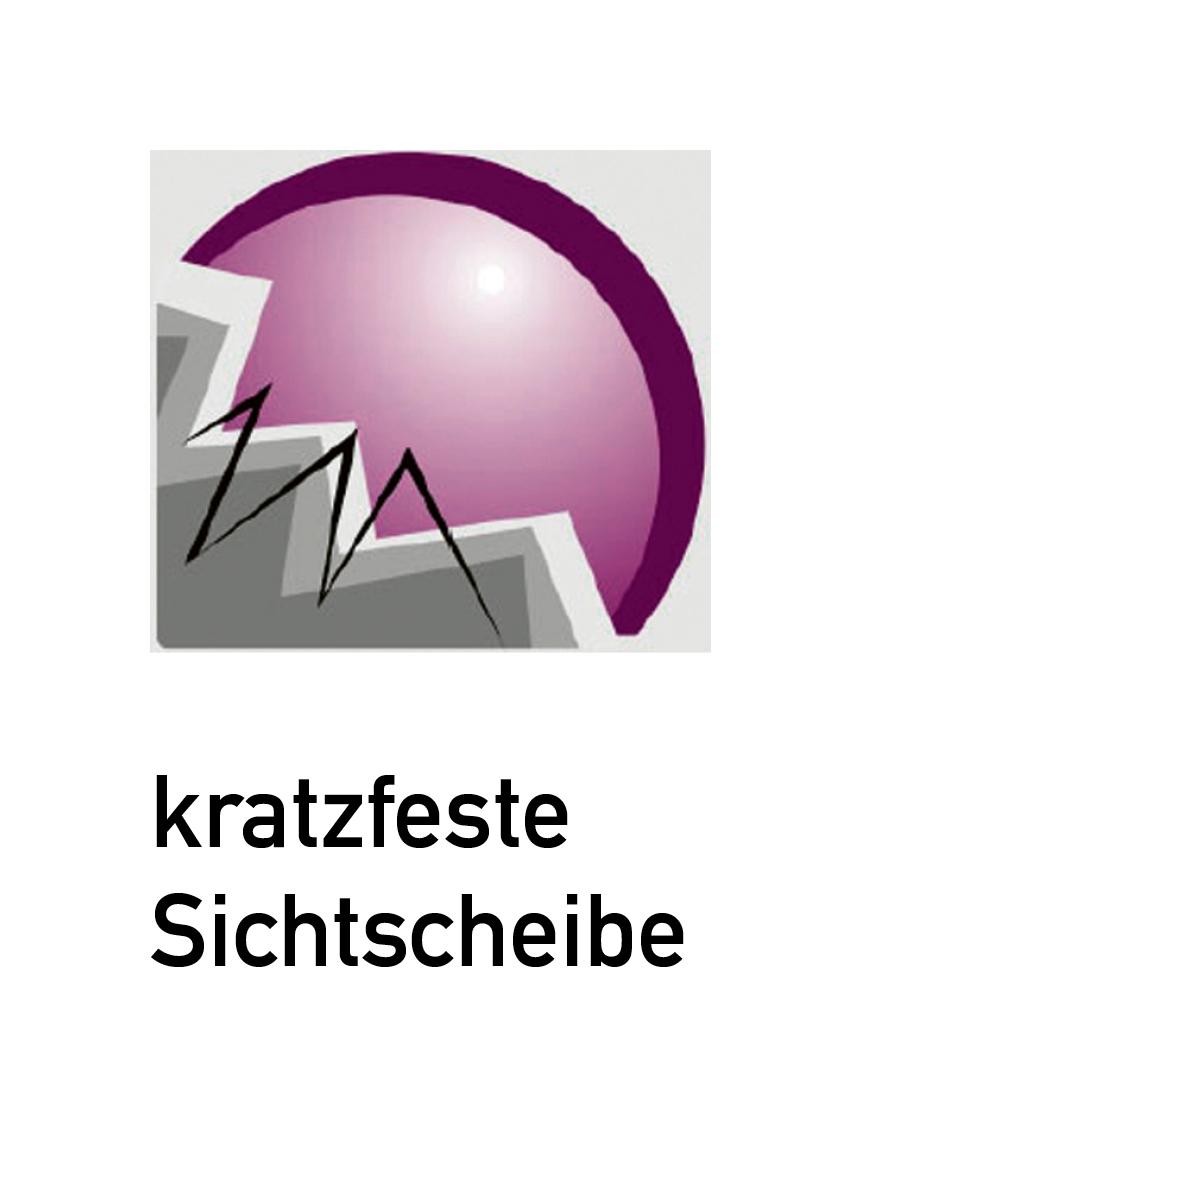 Kratzfeste_Sichtscheibe